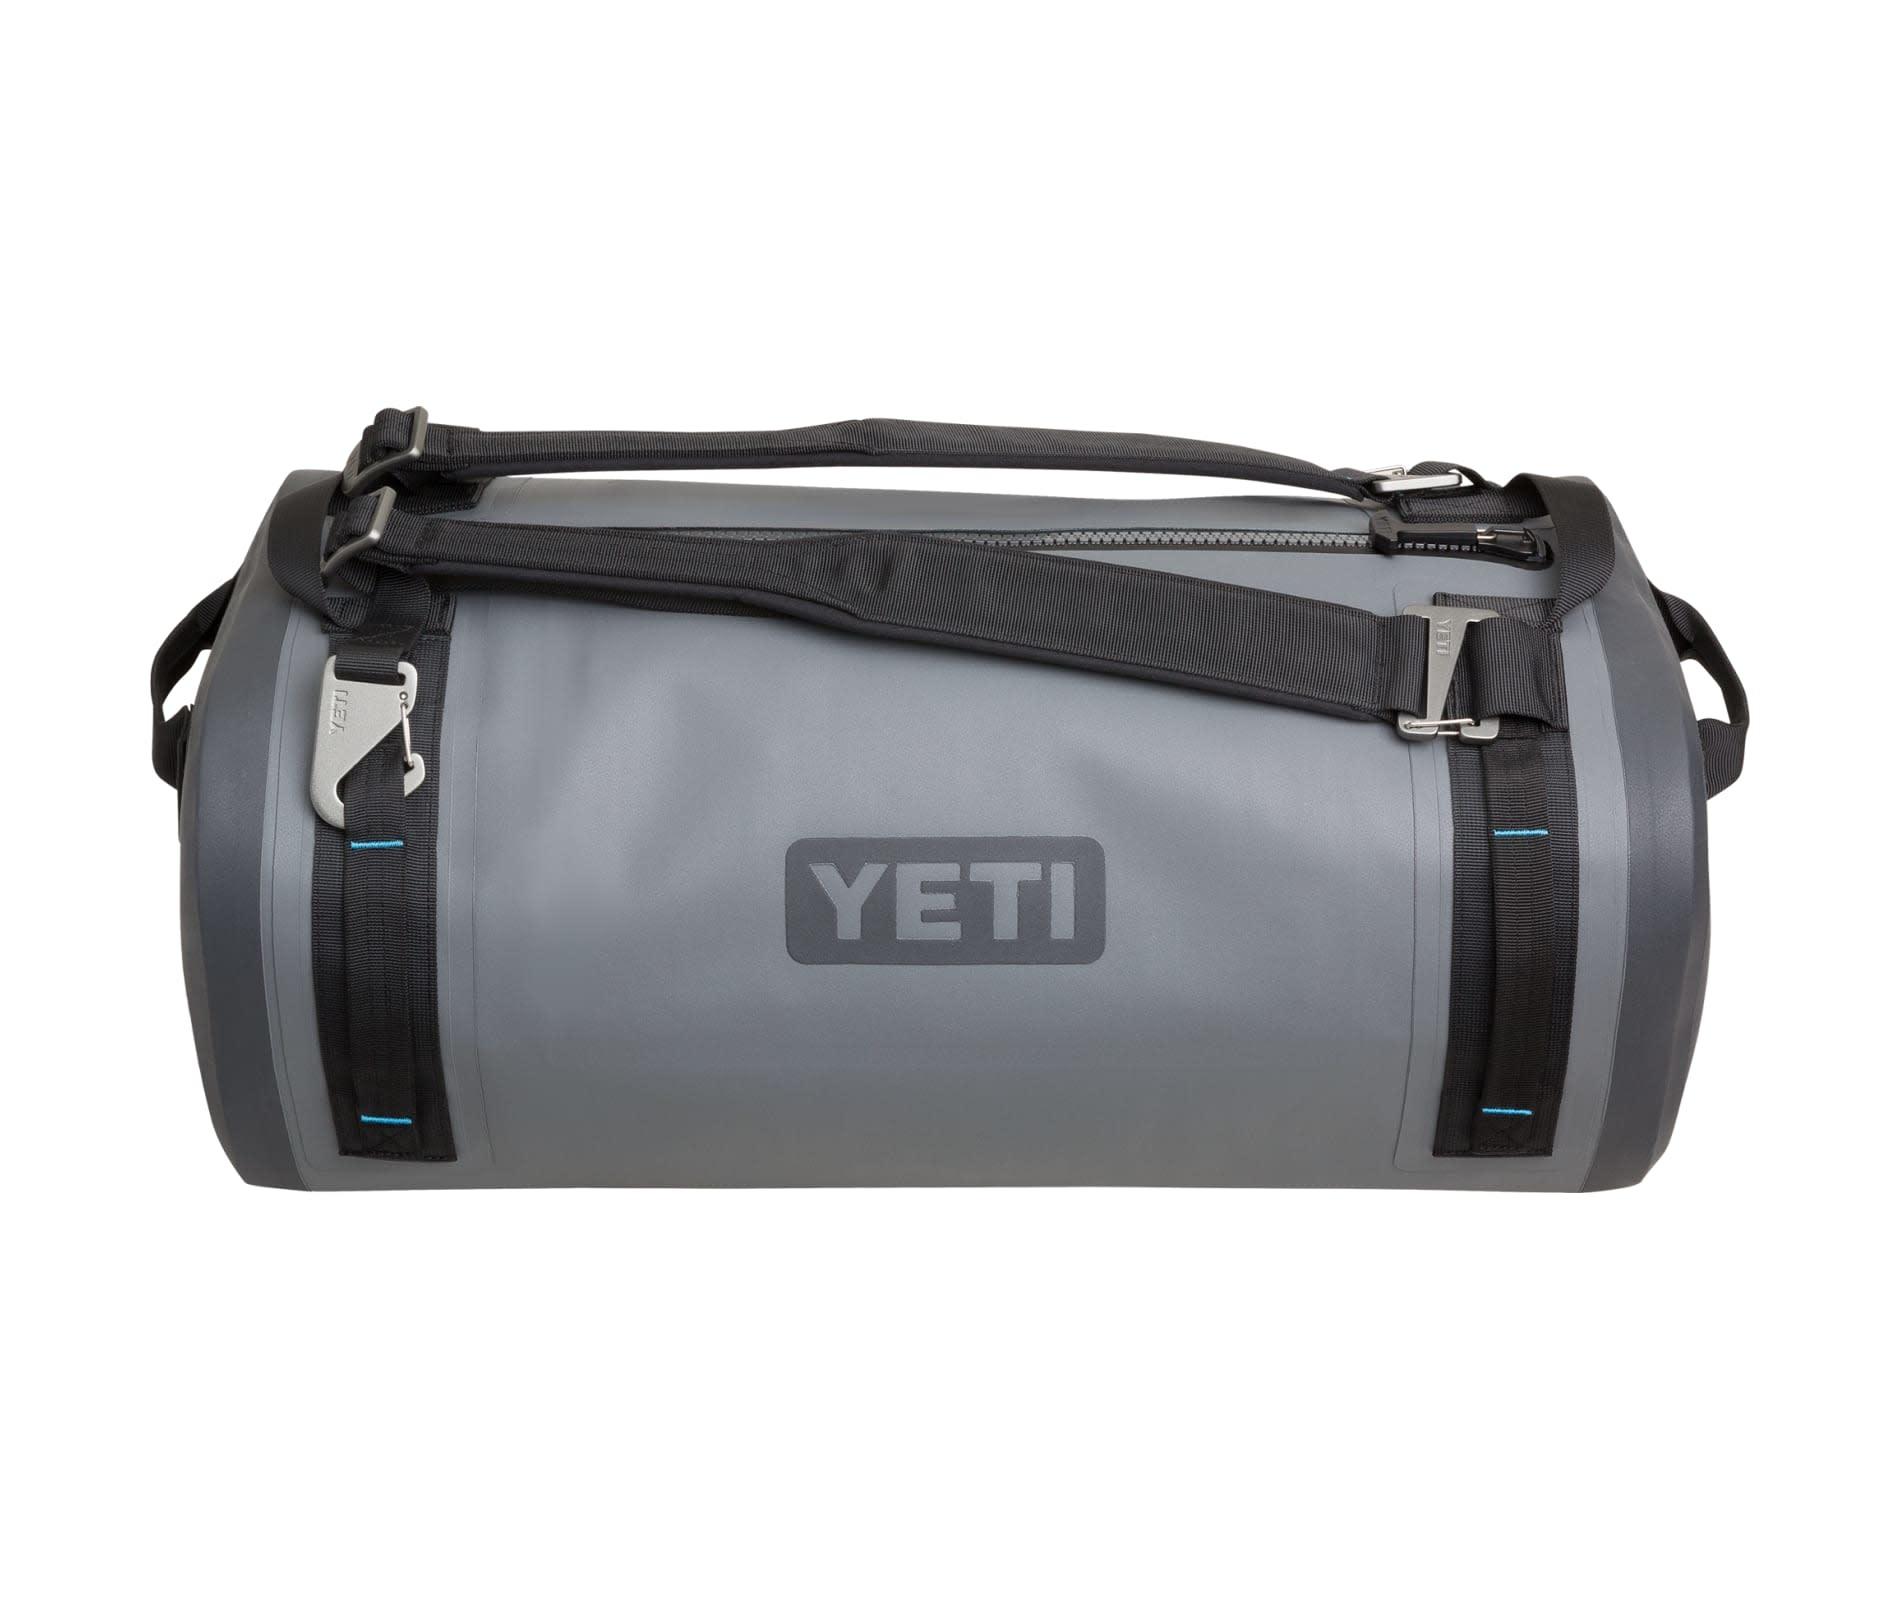 Yeti Yeti Panga Submersible Duffel 50 Storm Gray